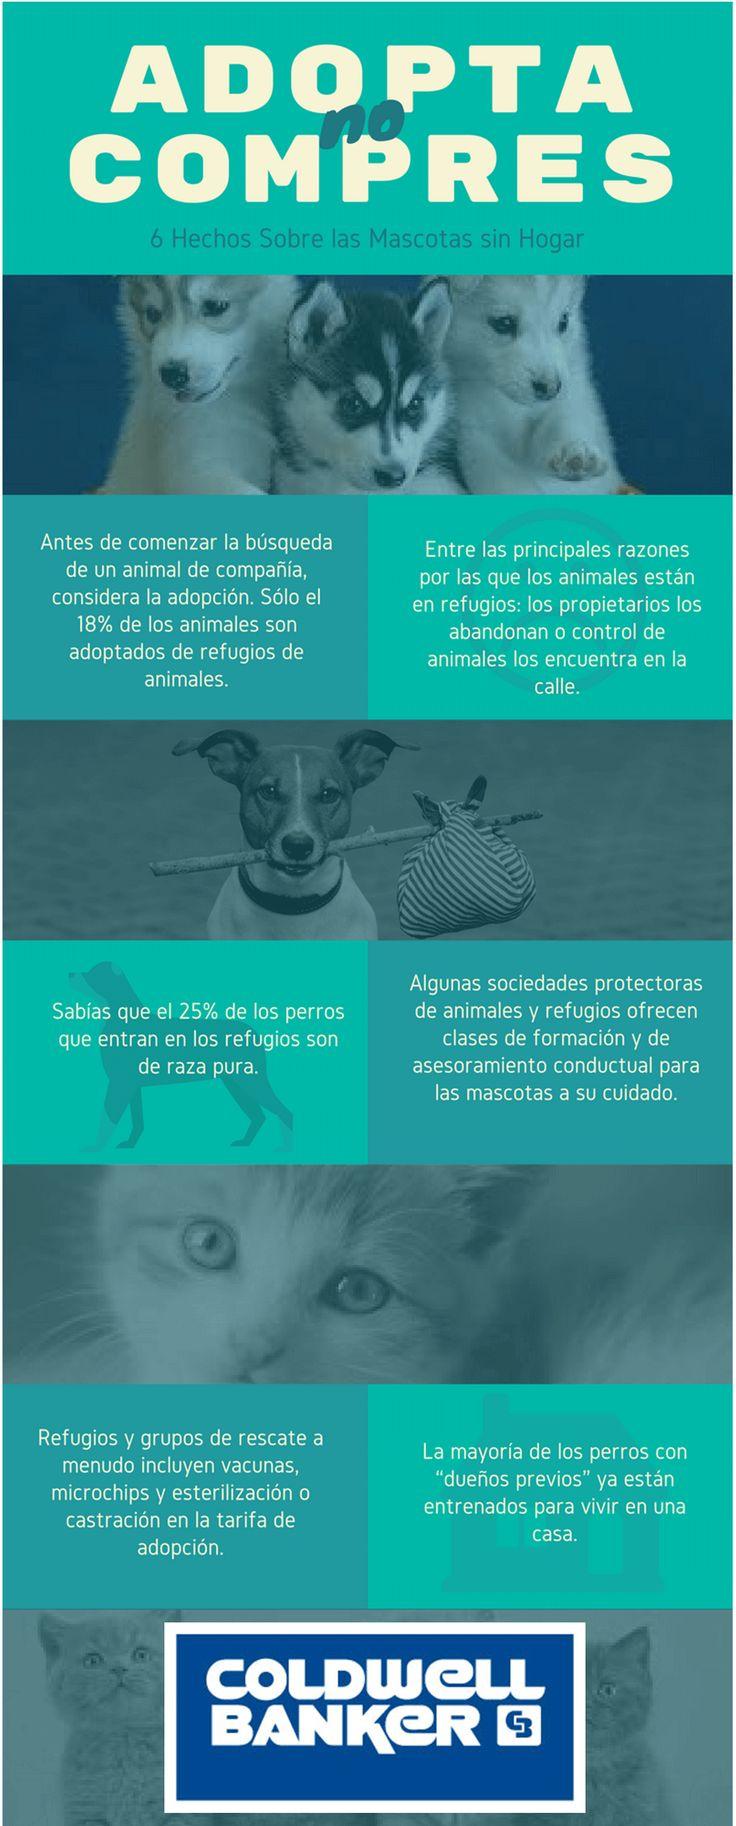 ¿Quieres un mejor amigo en tu hogar? Adopta ellos te necesitan. #lainmobiliariaazul #cbcolombia #adoptanocompres